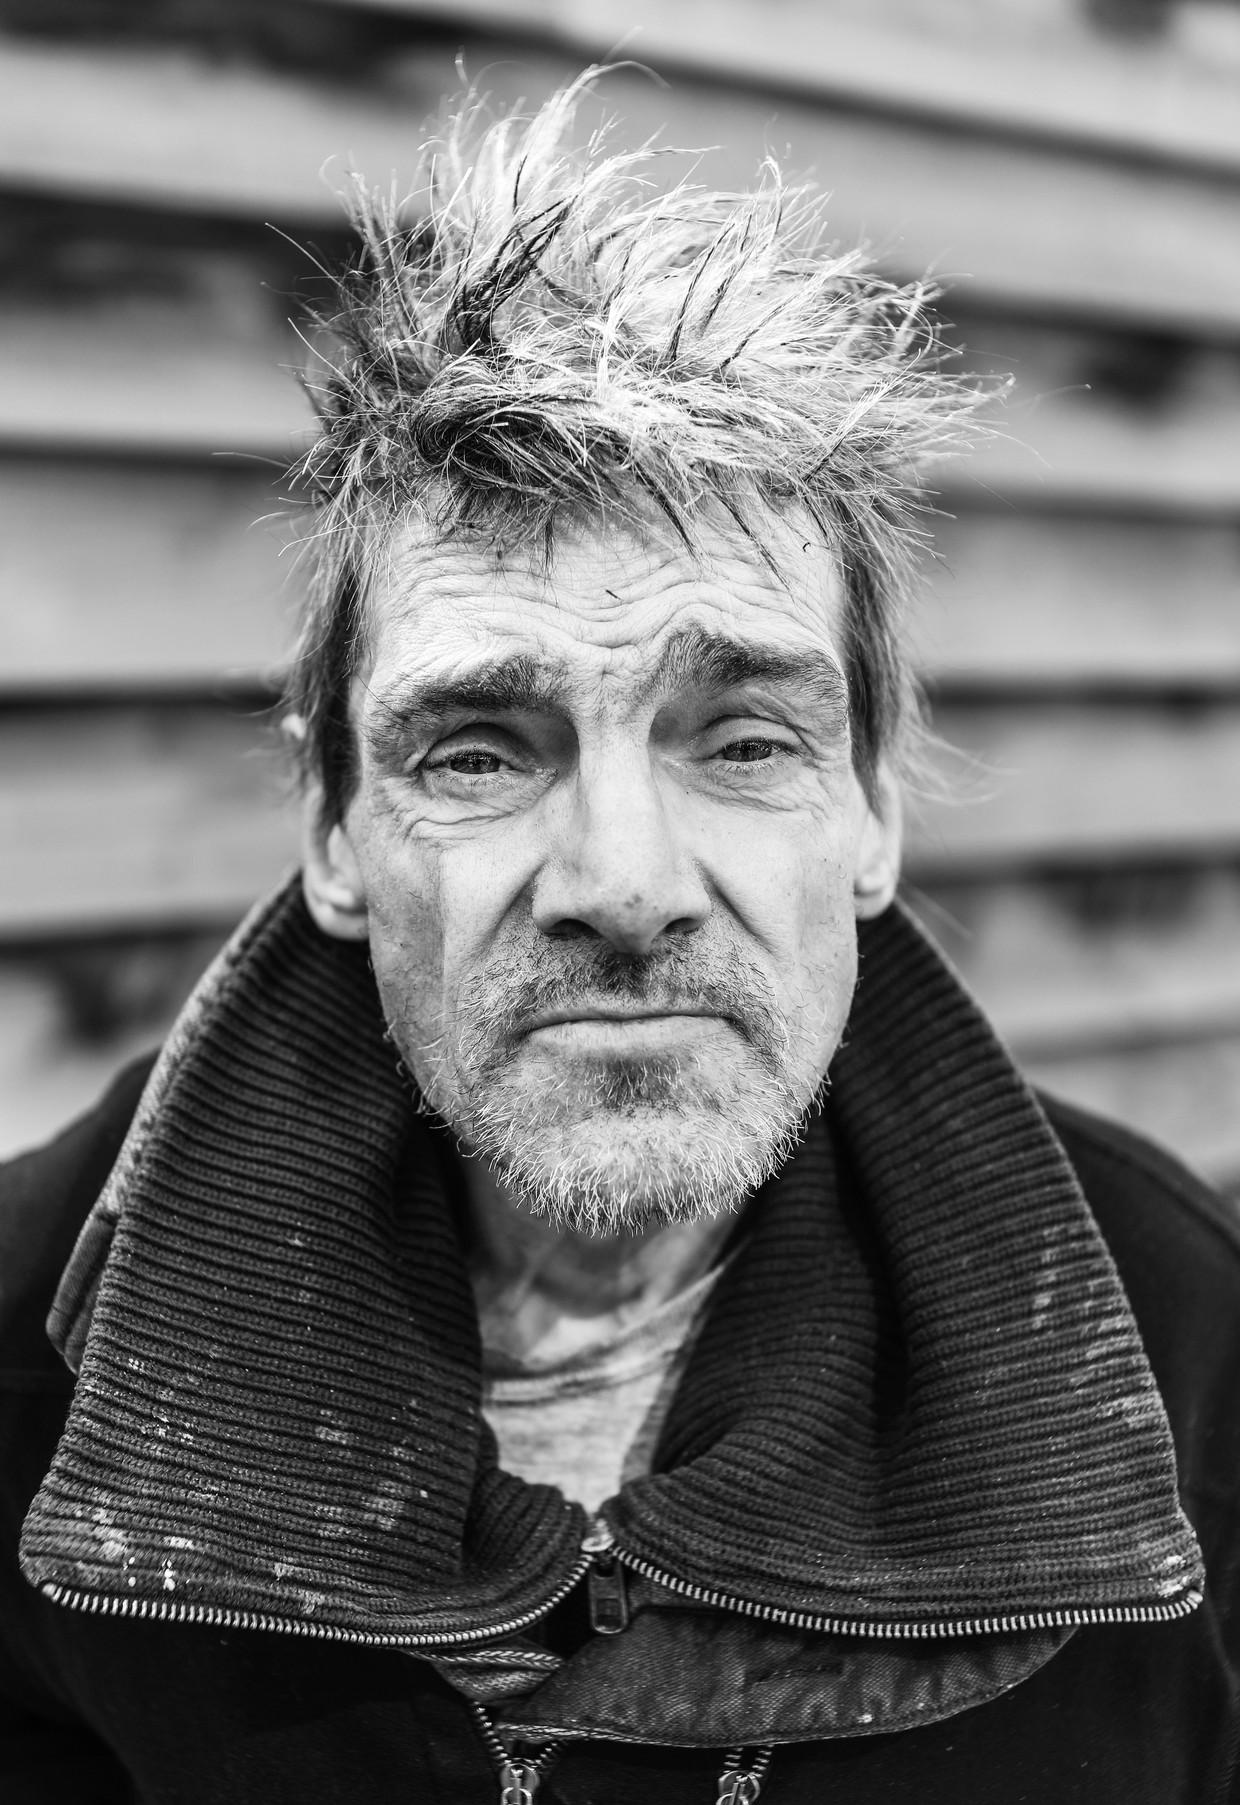 Paul Günther leefde jarenlang met heroïne.